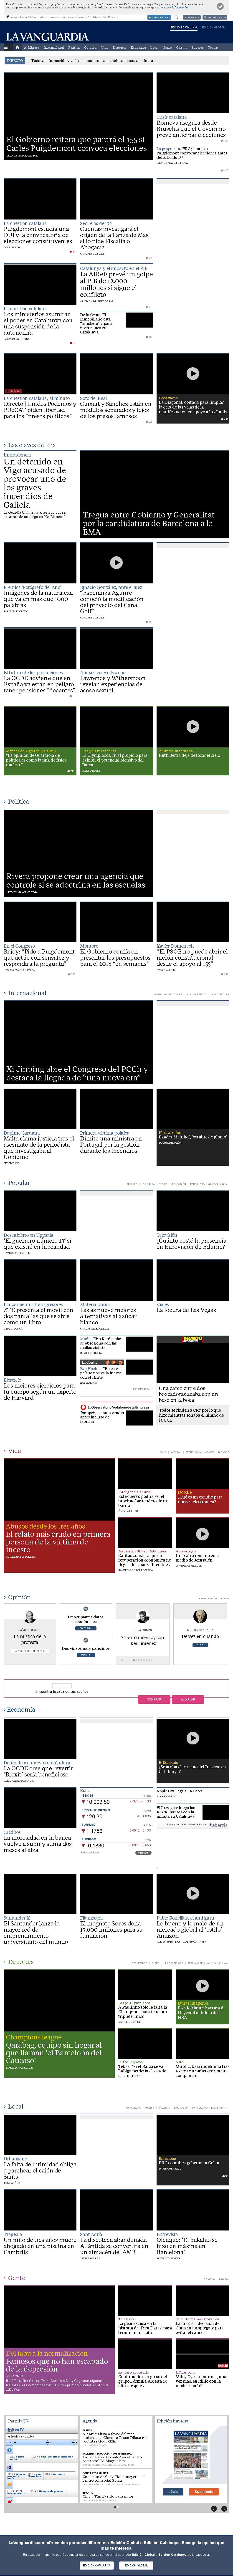 La Vanguardia at Wednesday Oct. 18, 2017, 12:22 p.m. UTC